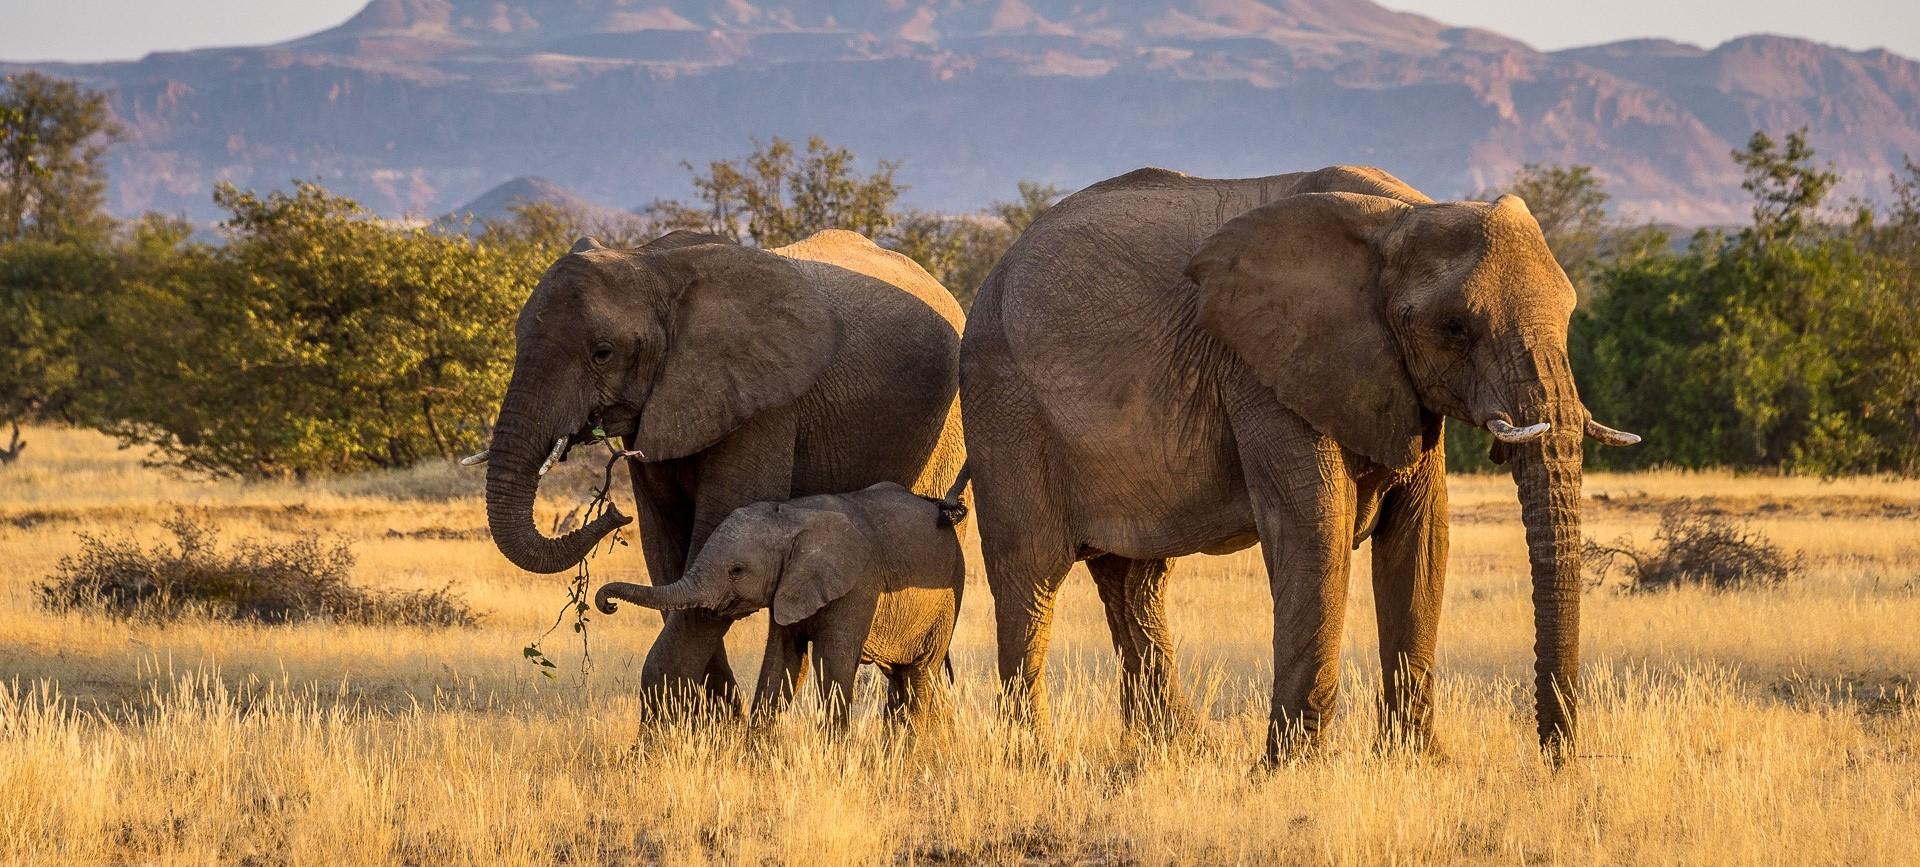 damaraland_elephant_family-sighting